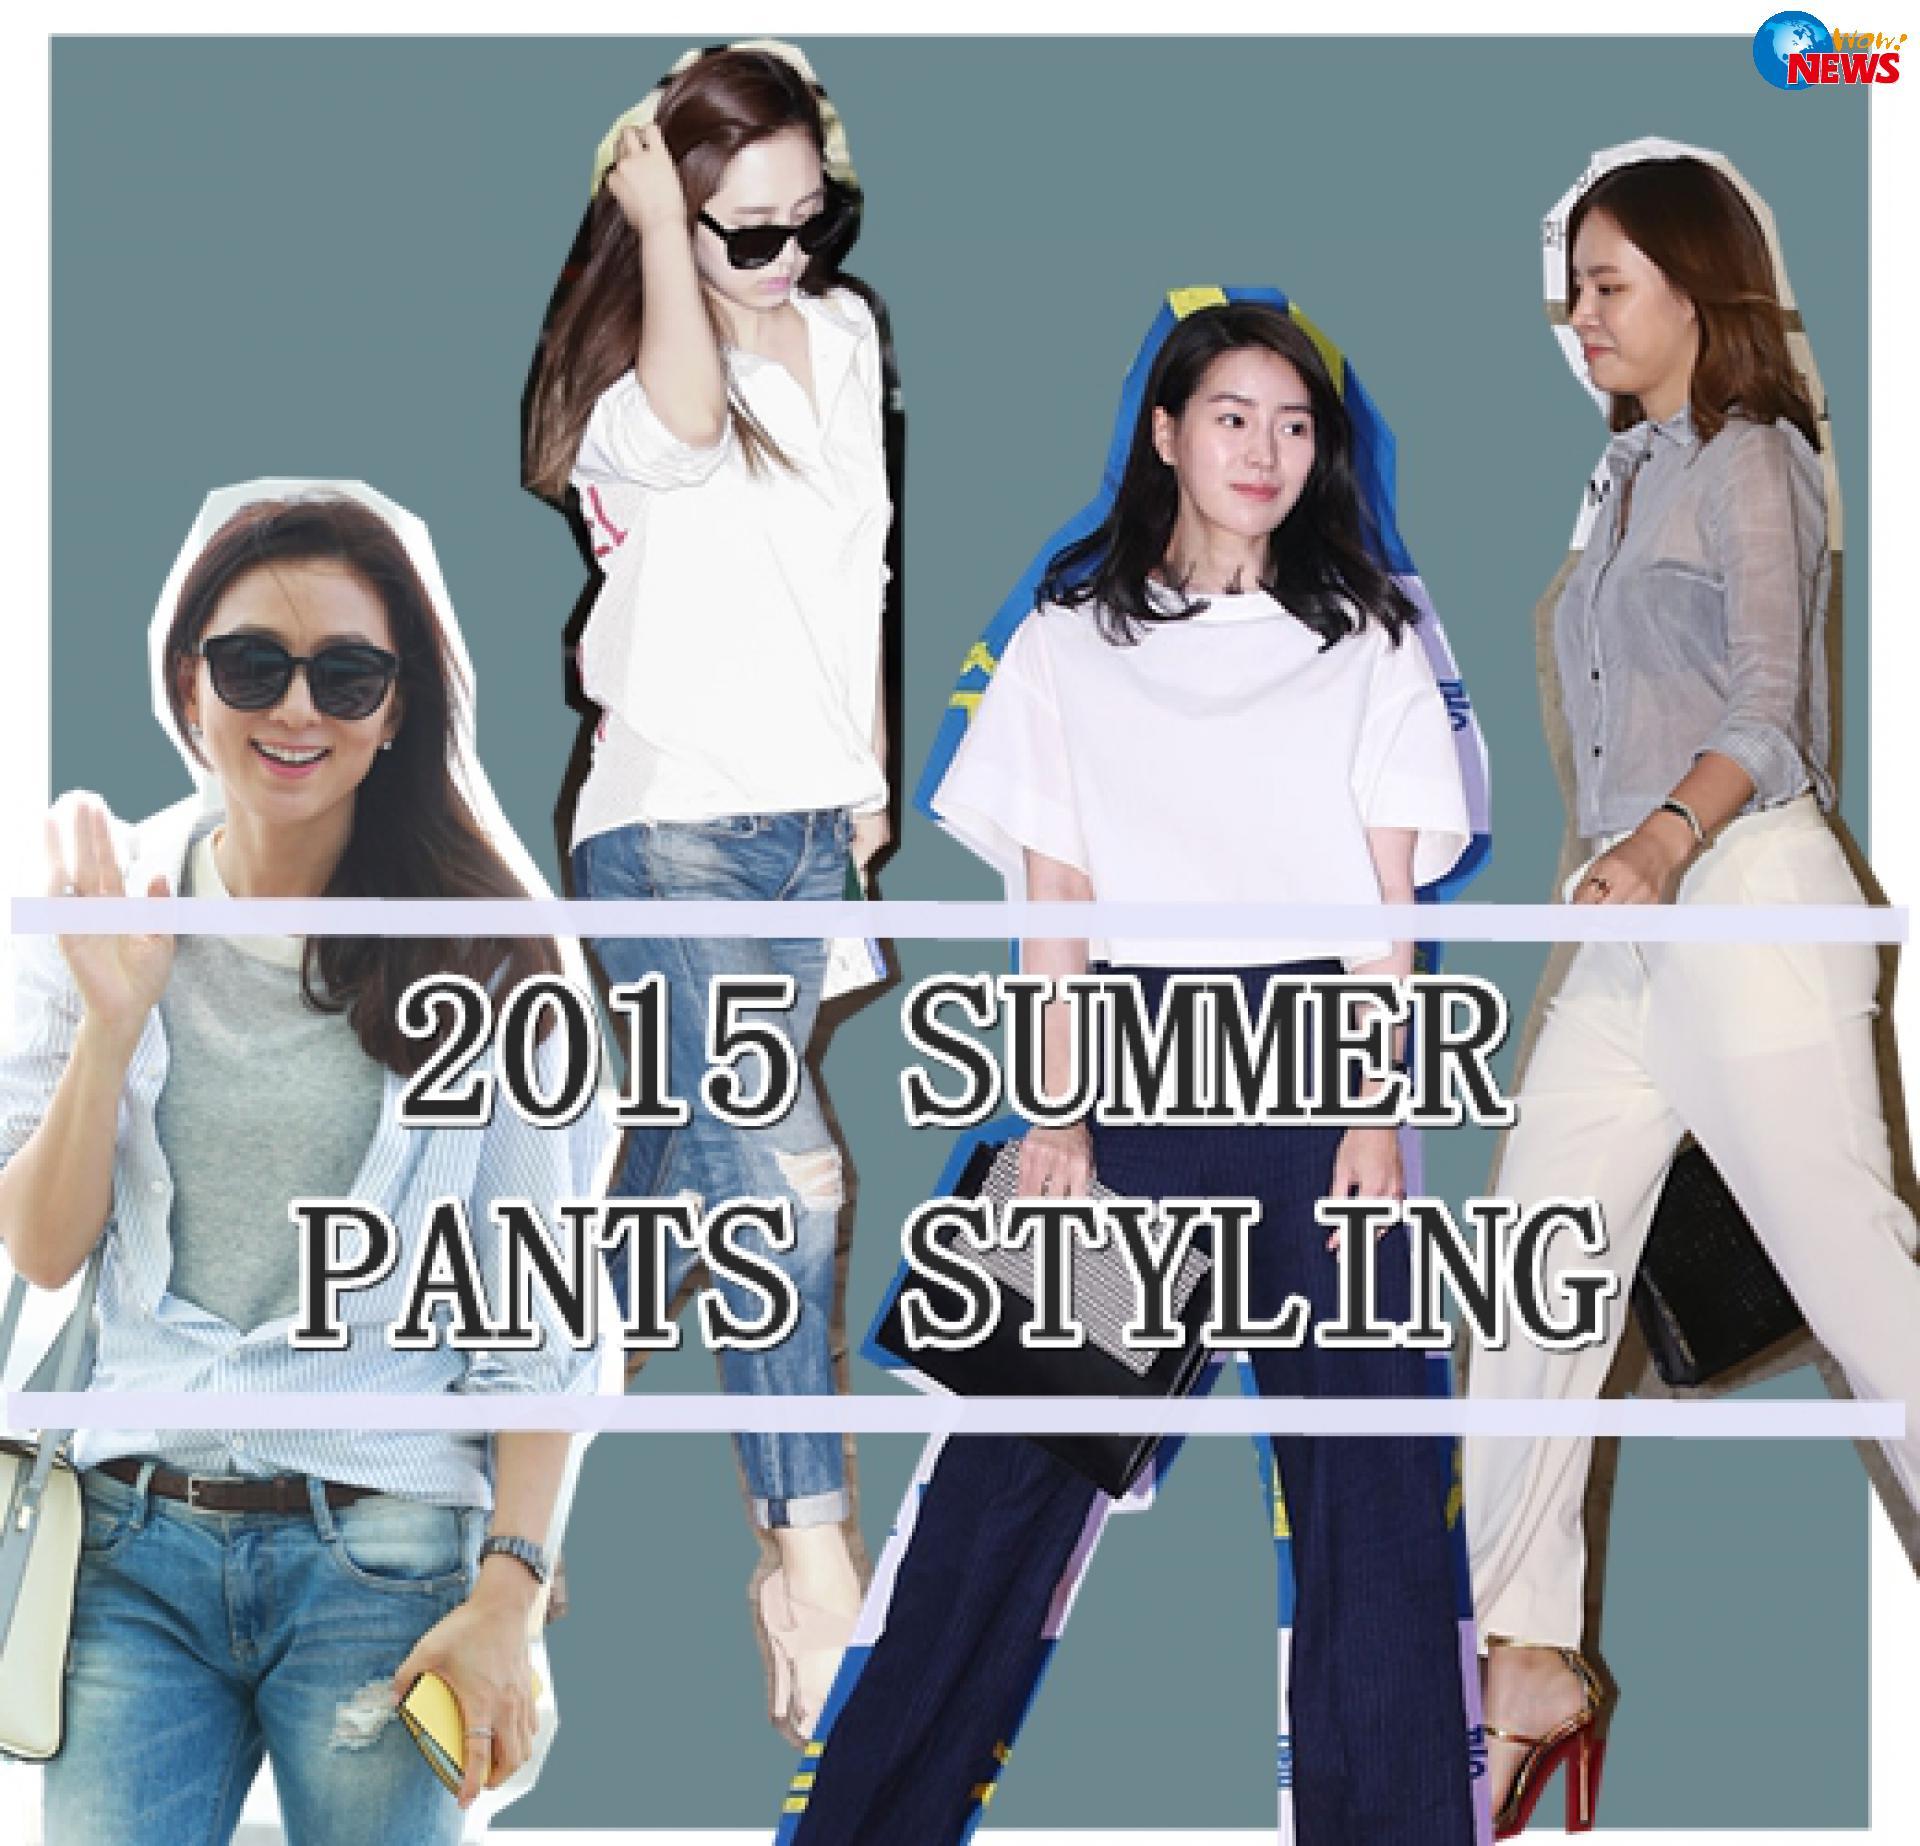 2015夏季裤装流行搭配趋势 高清图片